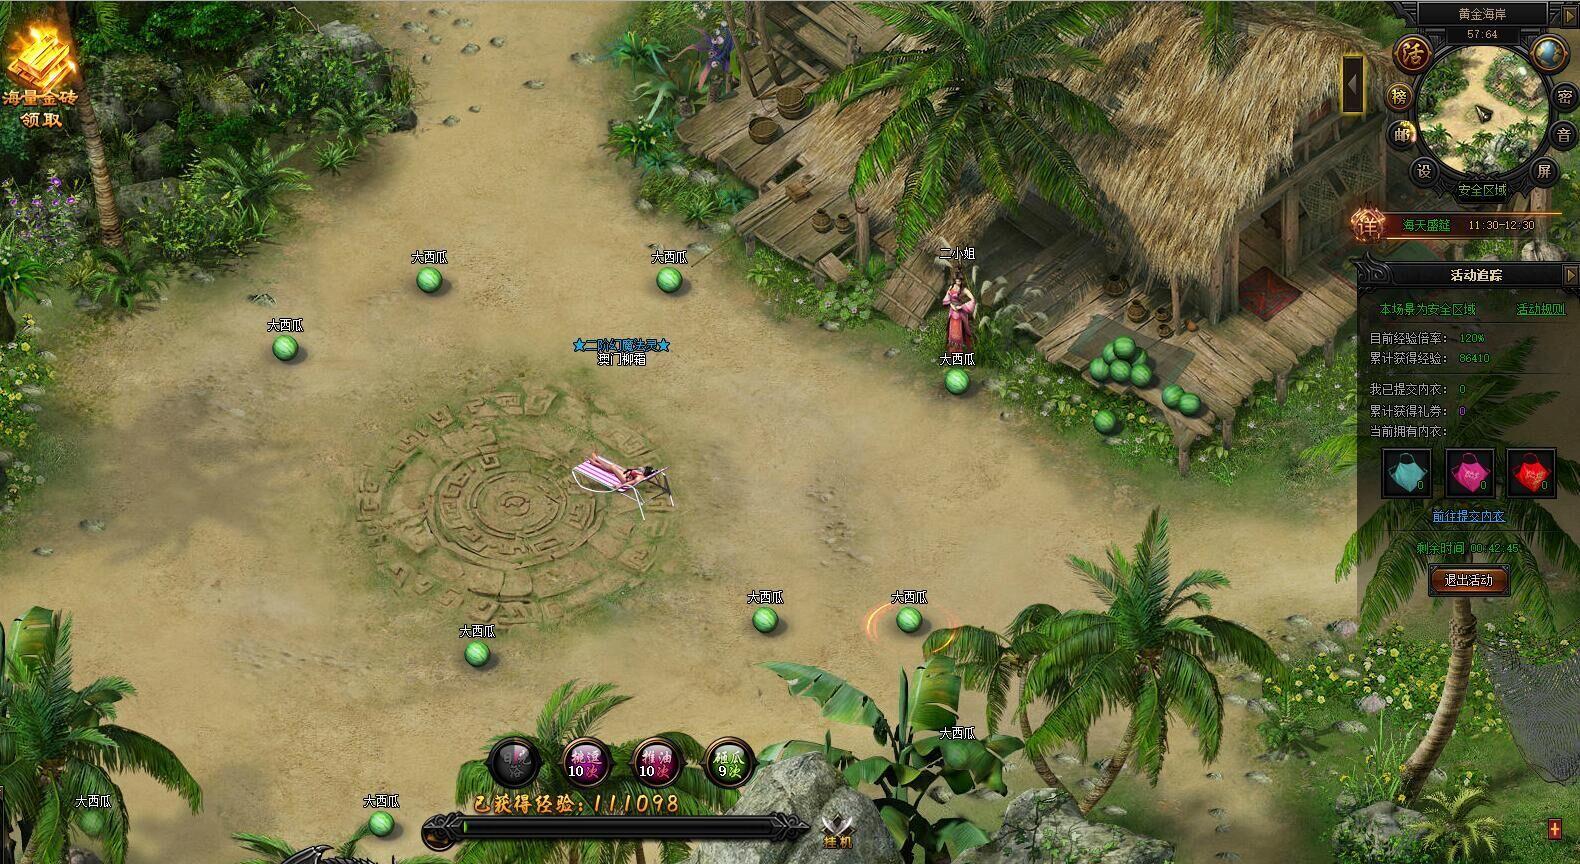 蓝月传奇游戏截图:黄金海岸